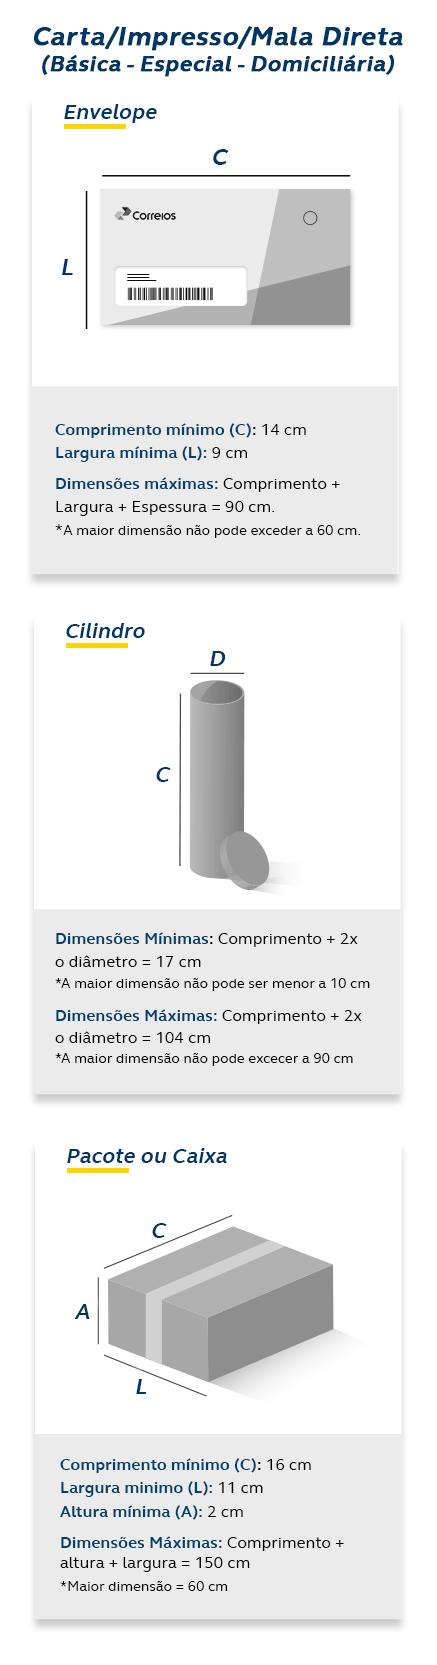 Infográfico Limites e Dimensões Mala Direta Mobile